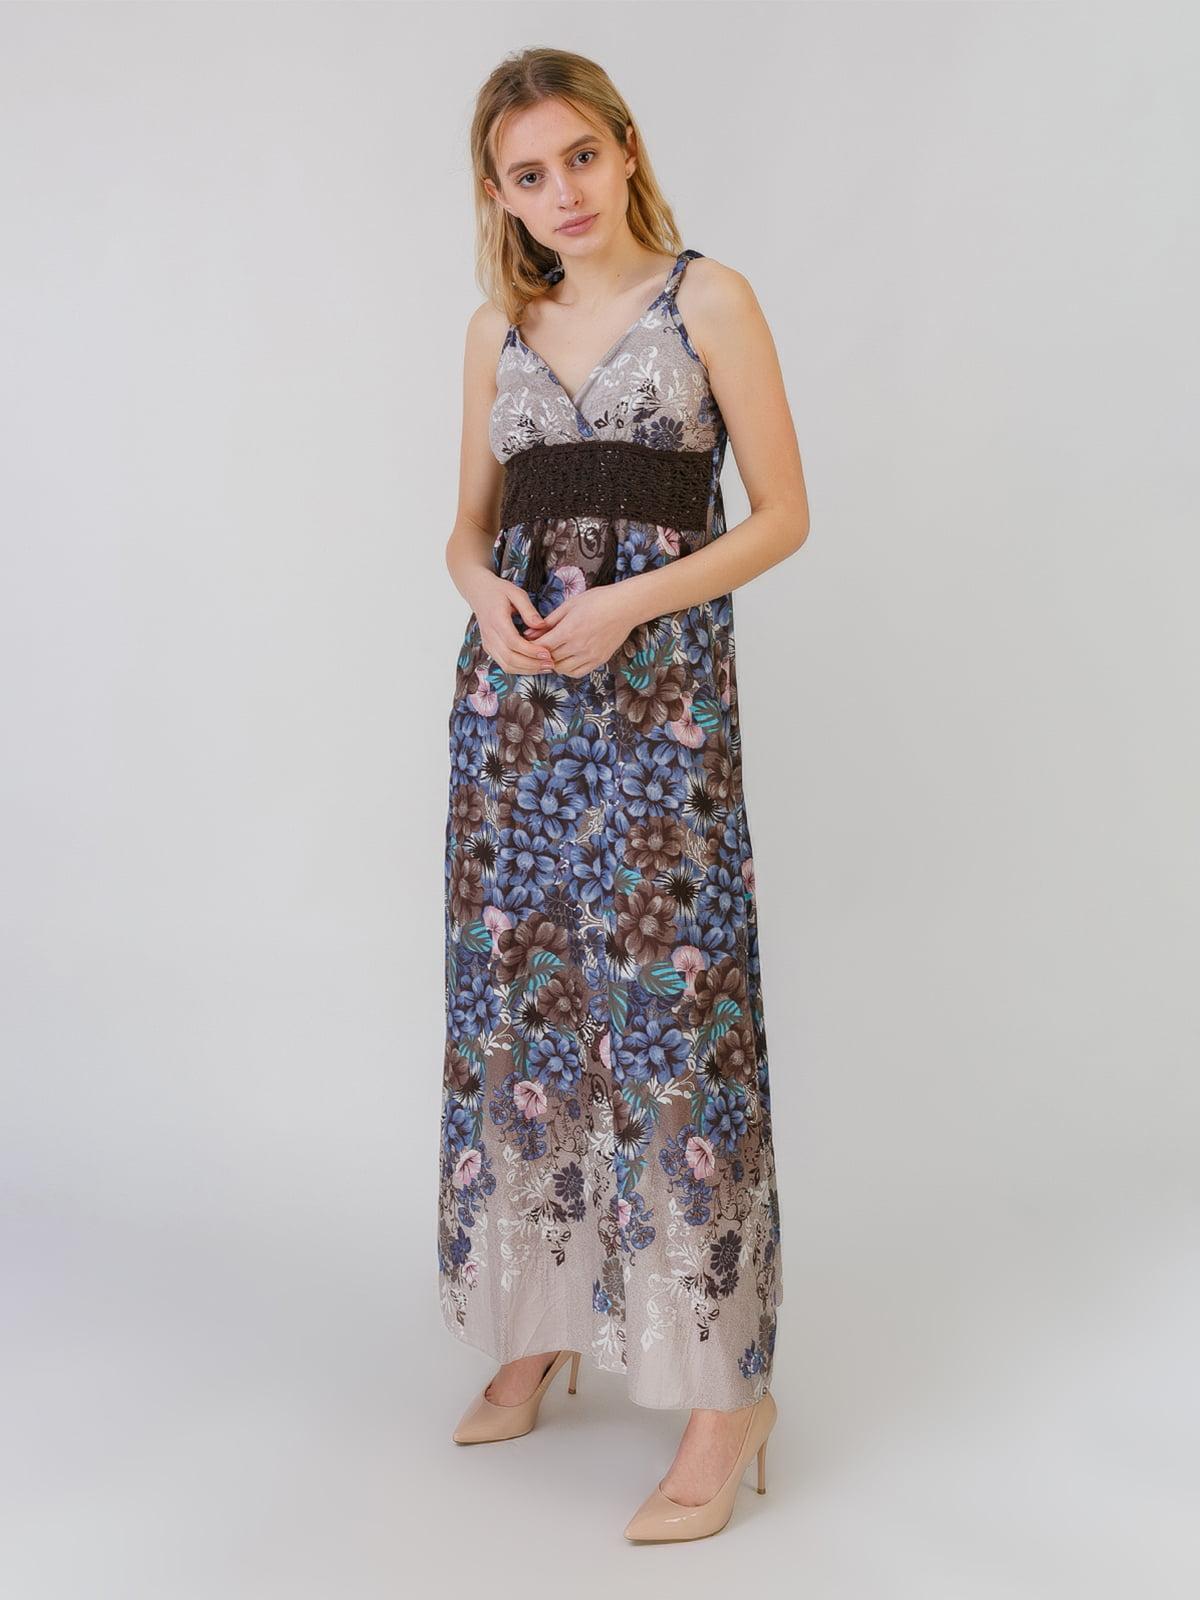 Сарафан сине-серый с цветочным принтом | 5452117